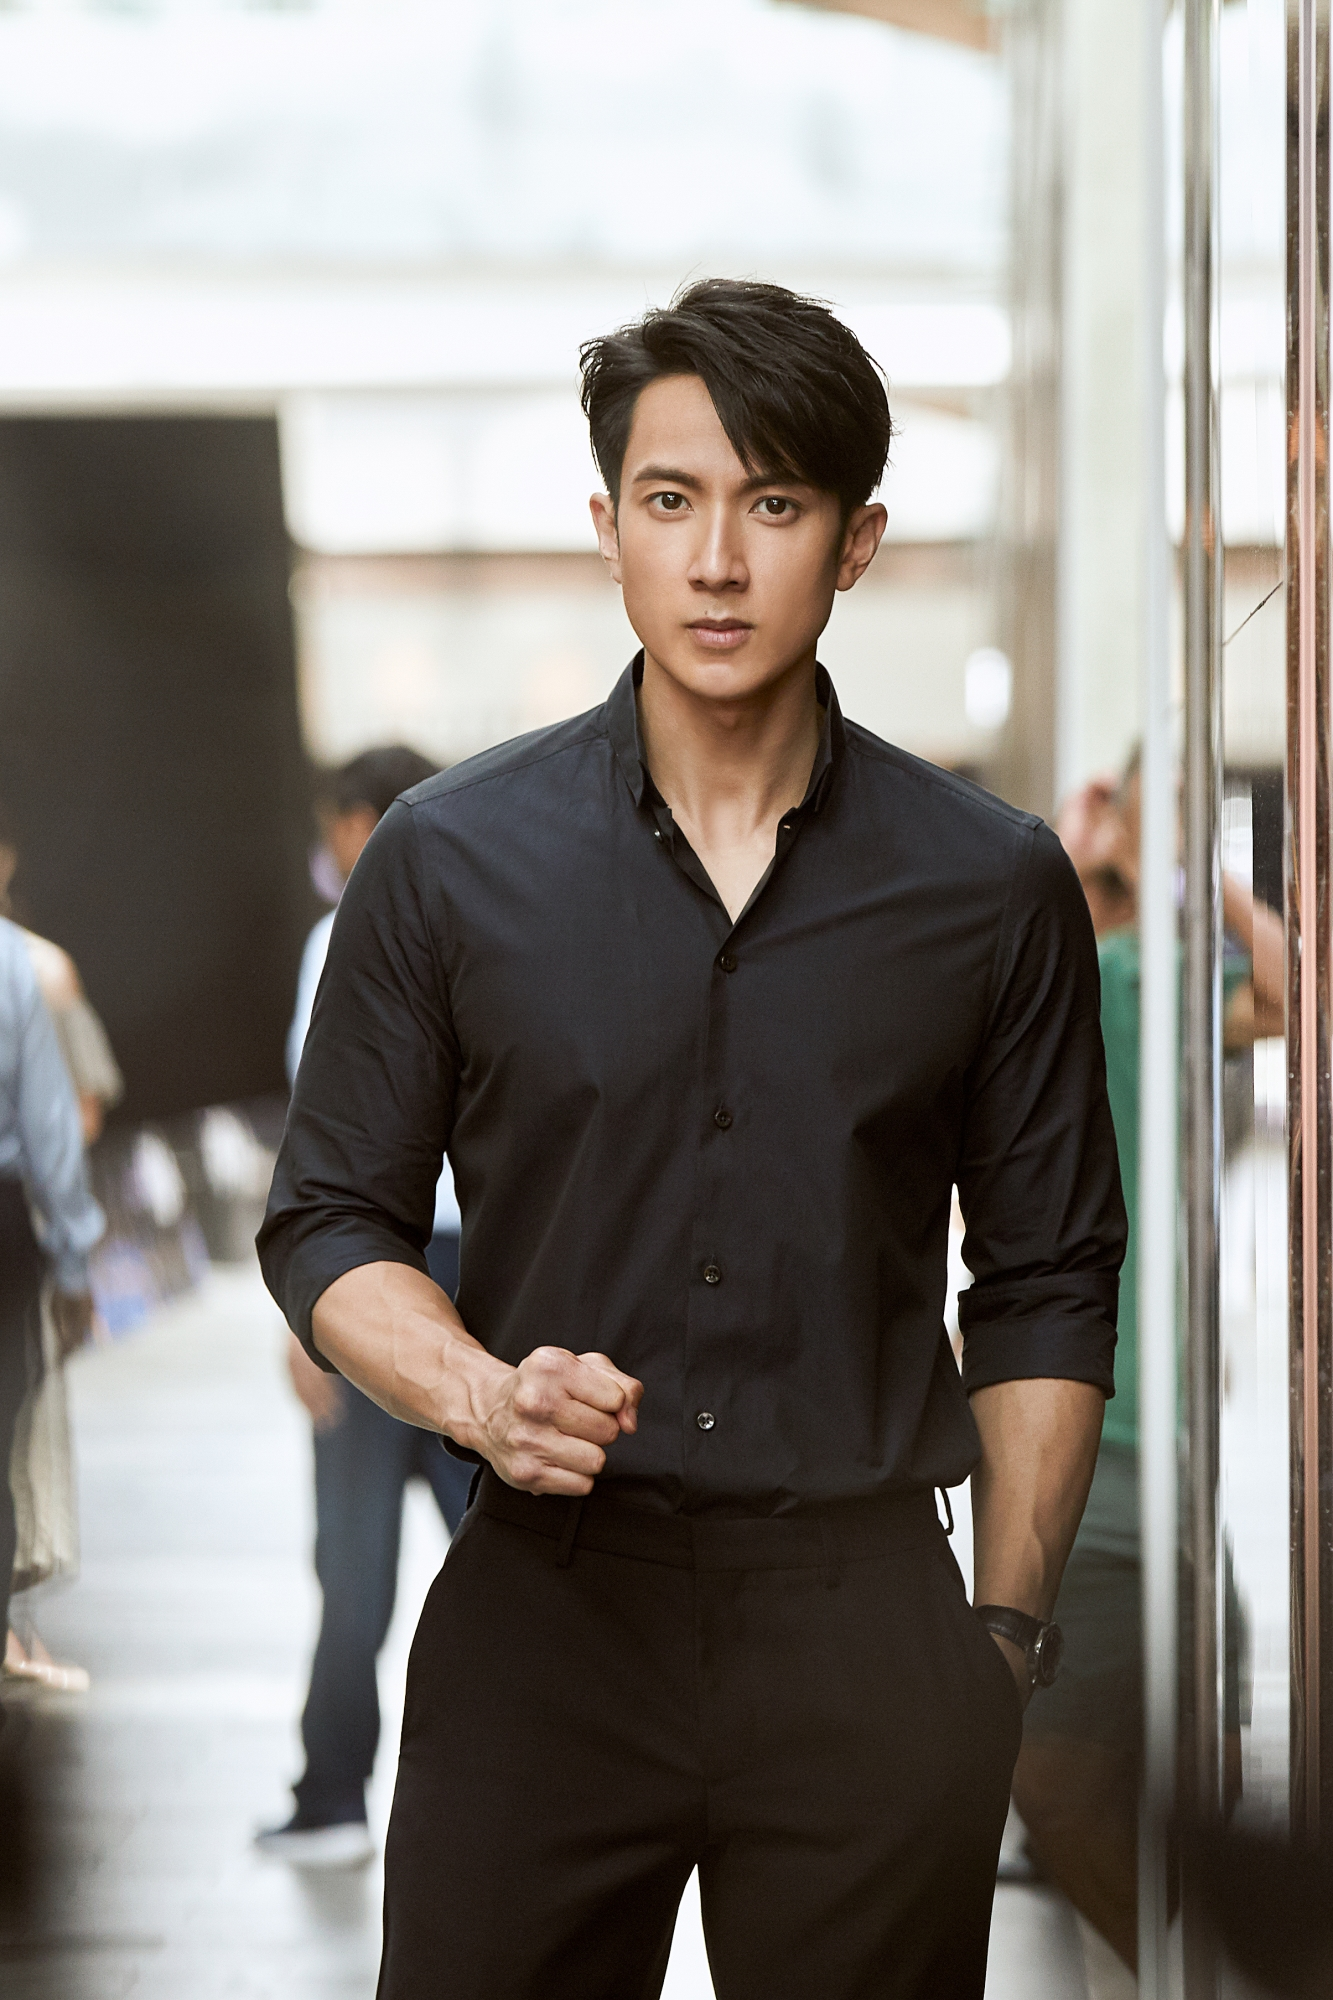 型男吴尊最新写真曝光  完美身材演绎经典黑白色系